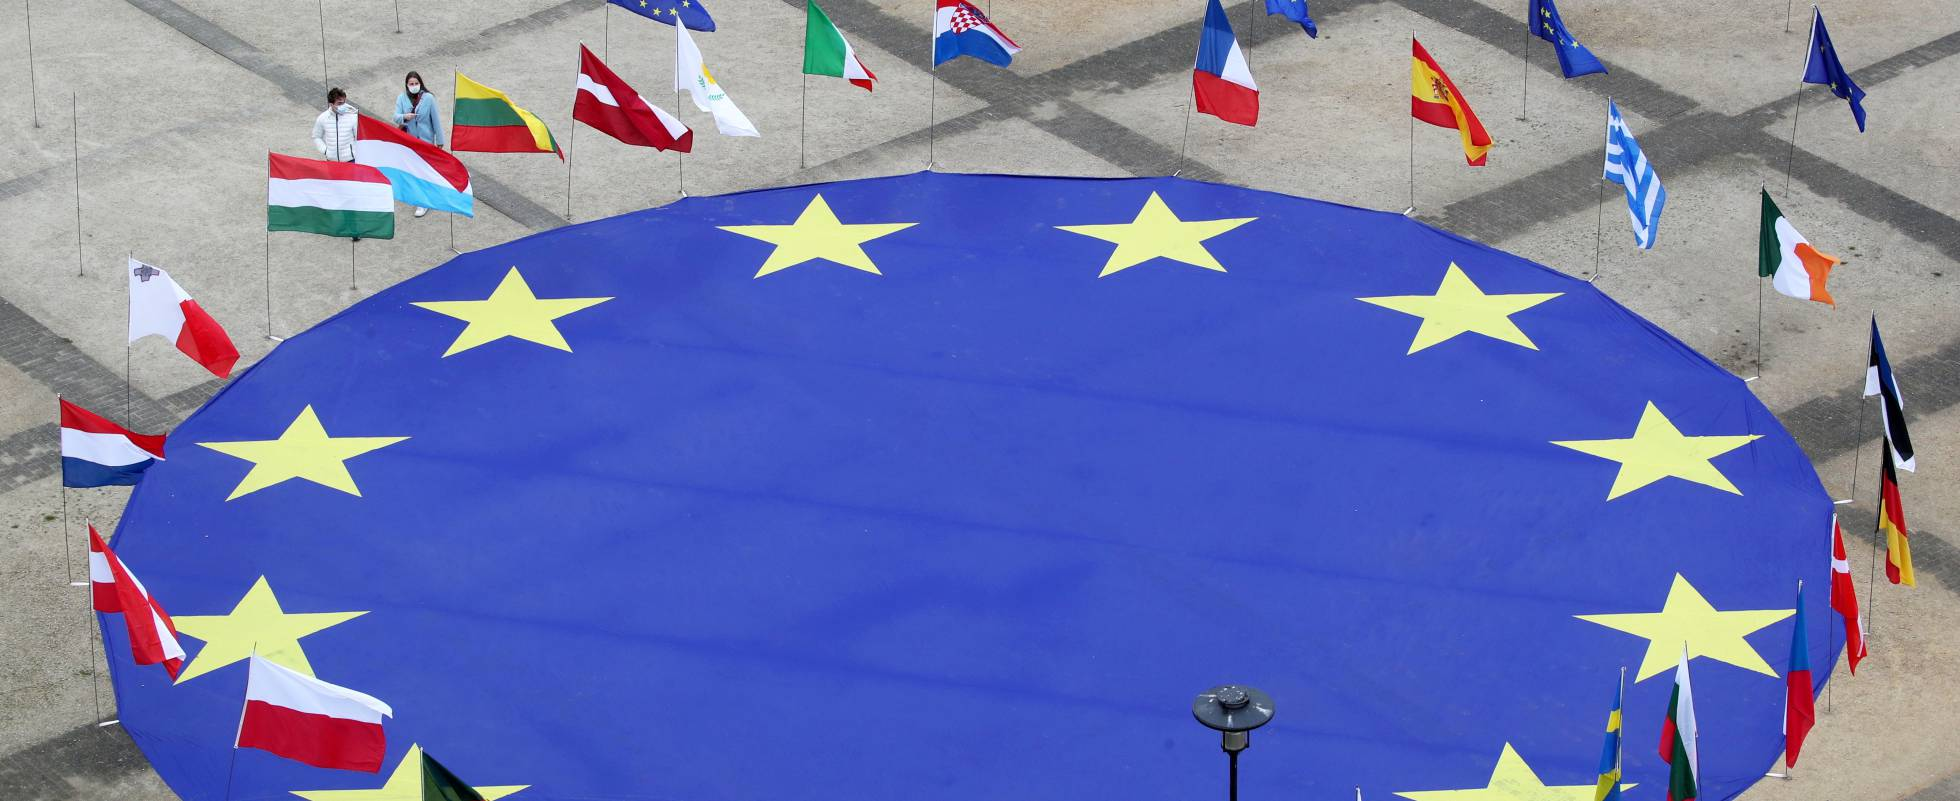 Radiografía de la actividad de la justicia europea: la pandemia no frenó al TJUE